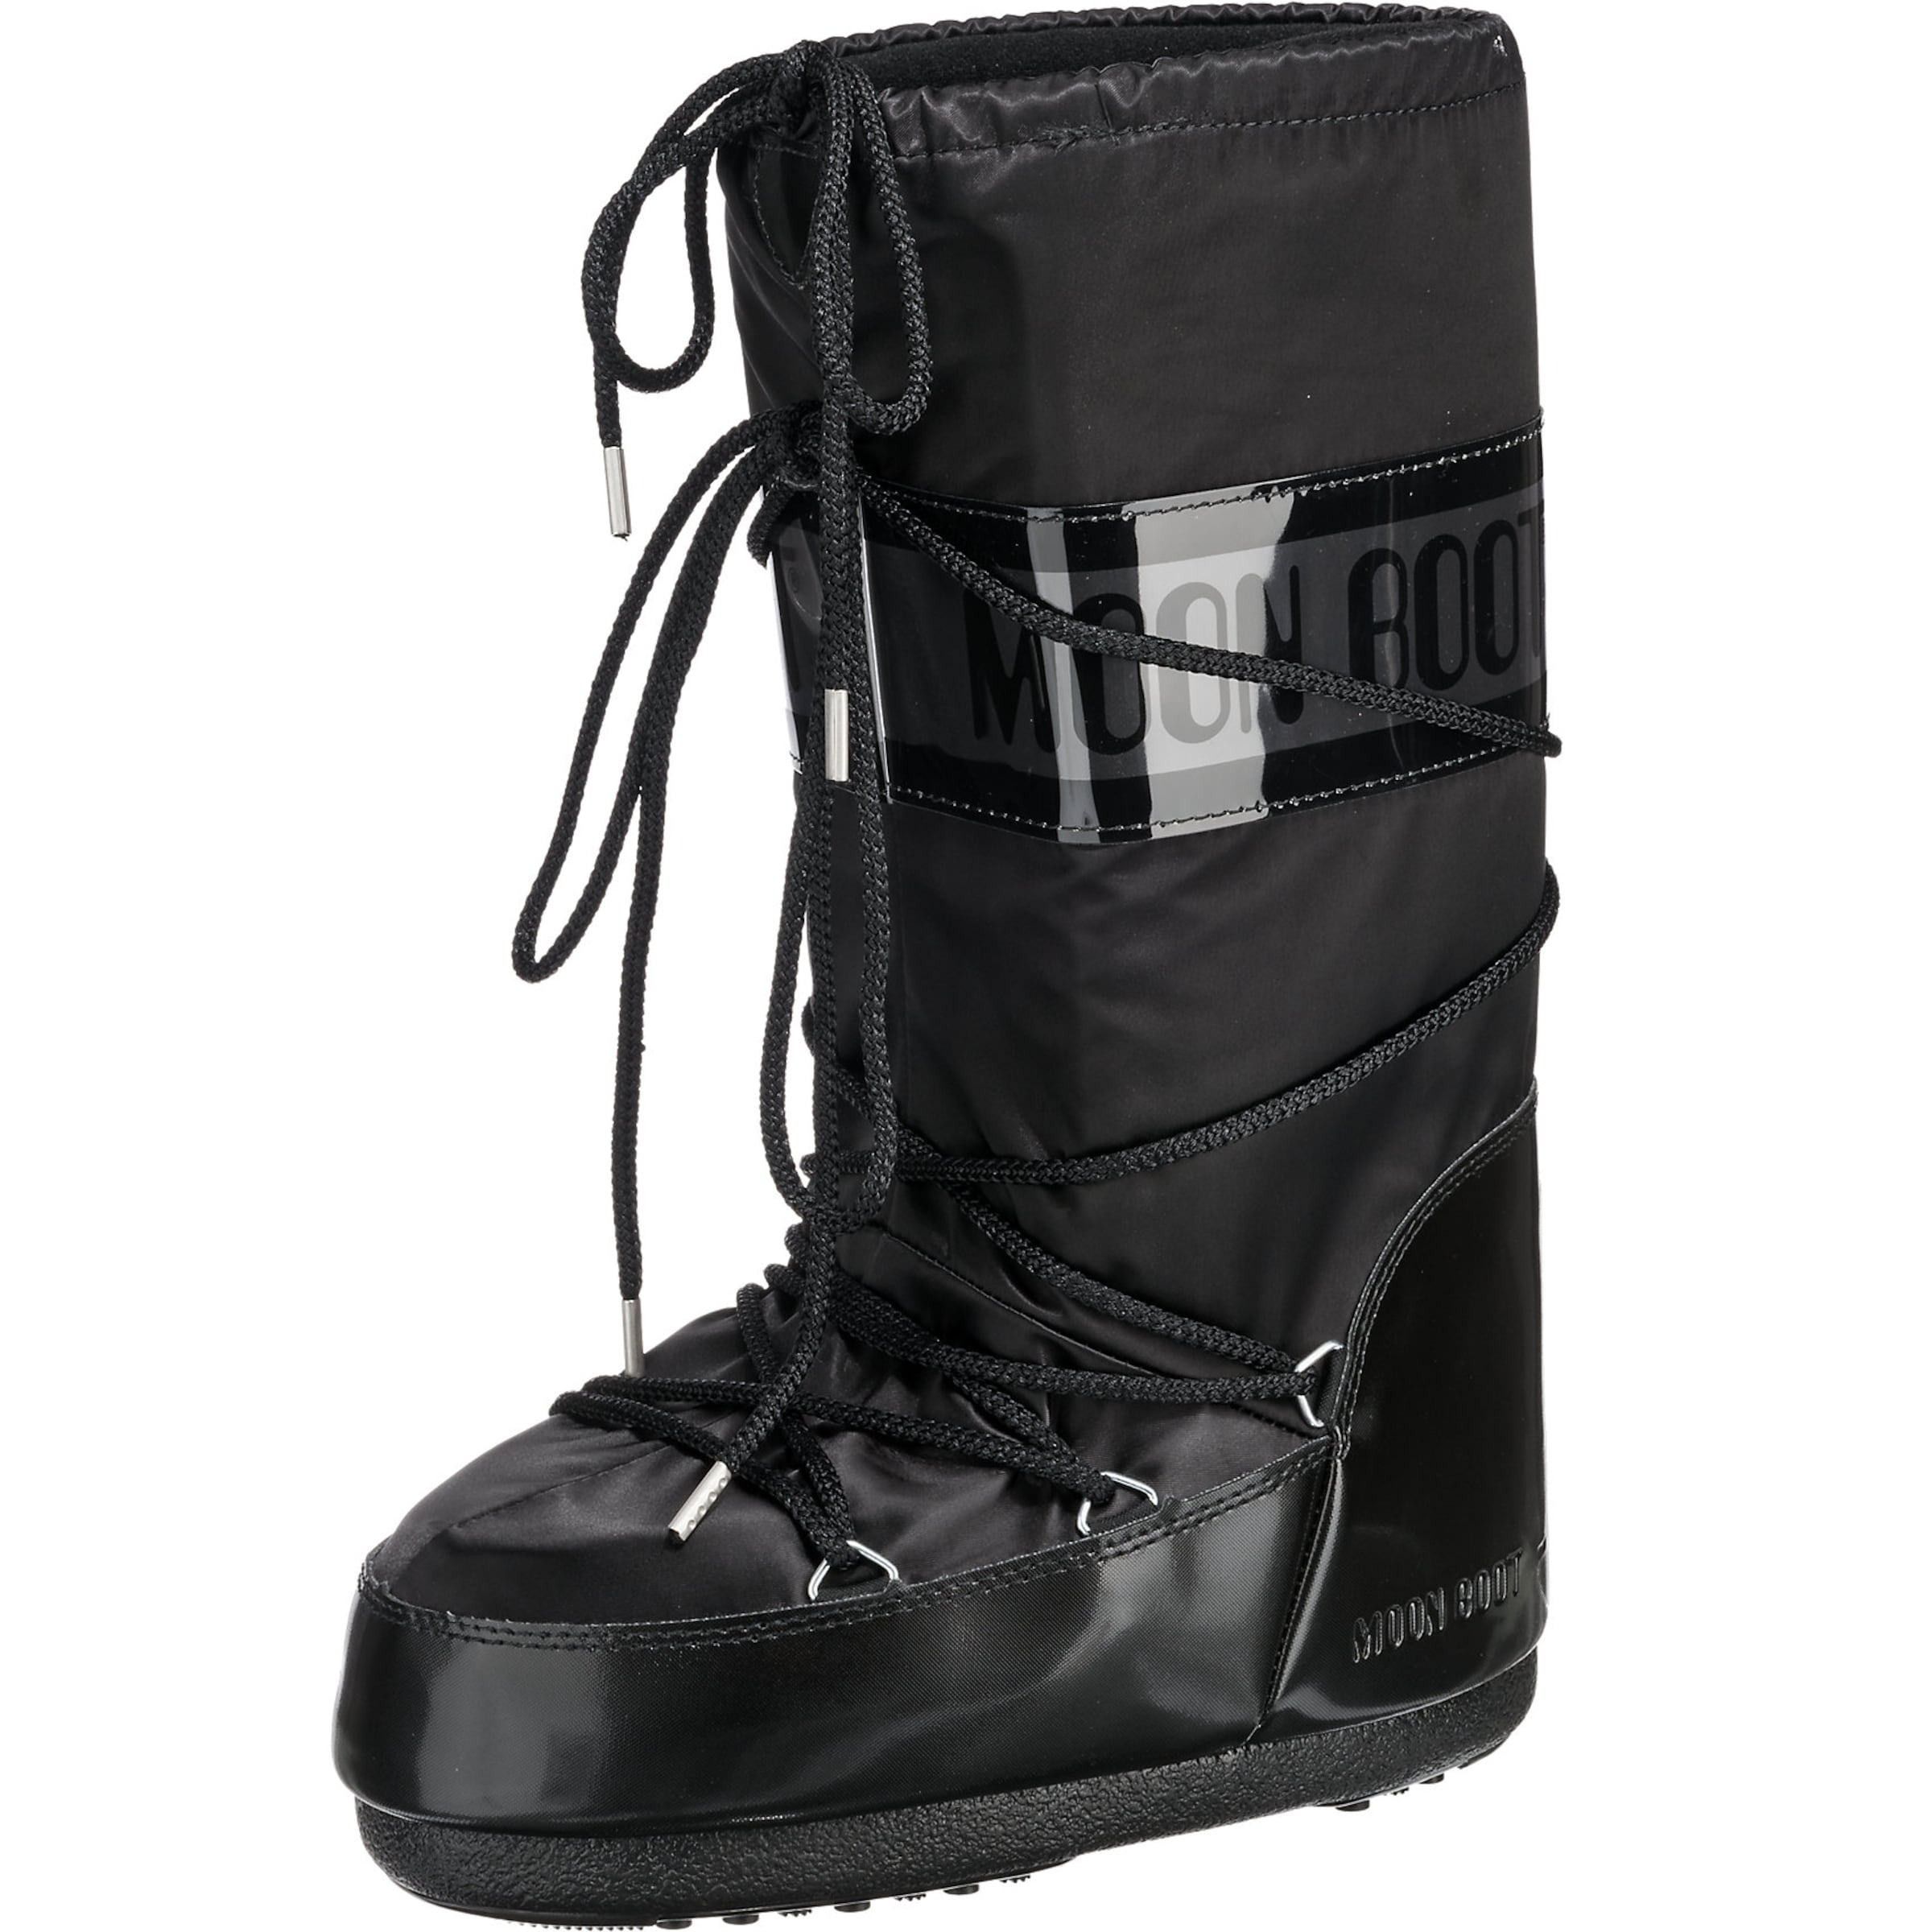 MOON BOOT Glance Stiefel Verschleißfeste billige Schuhe